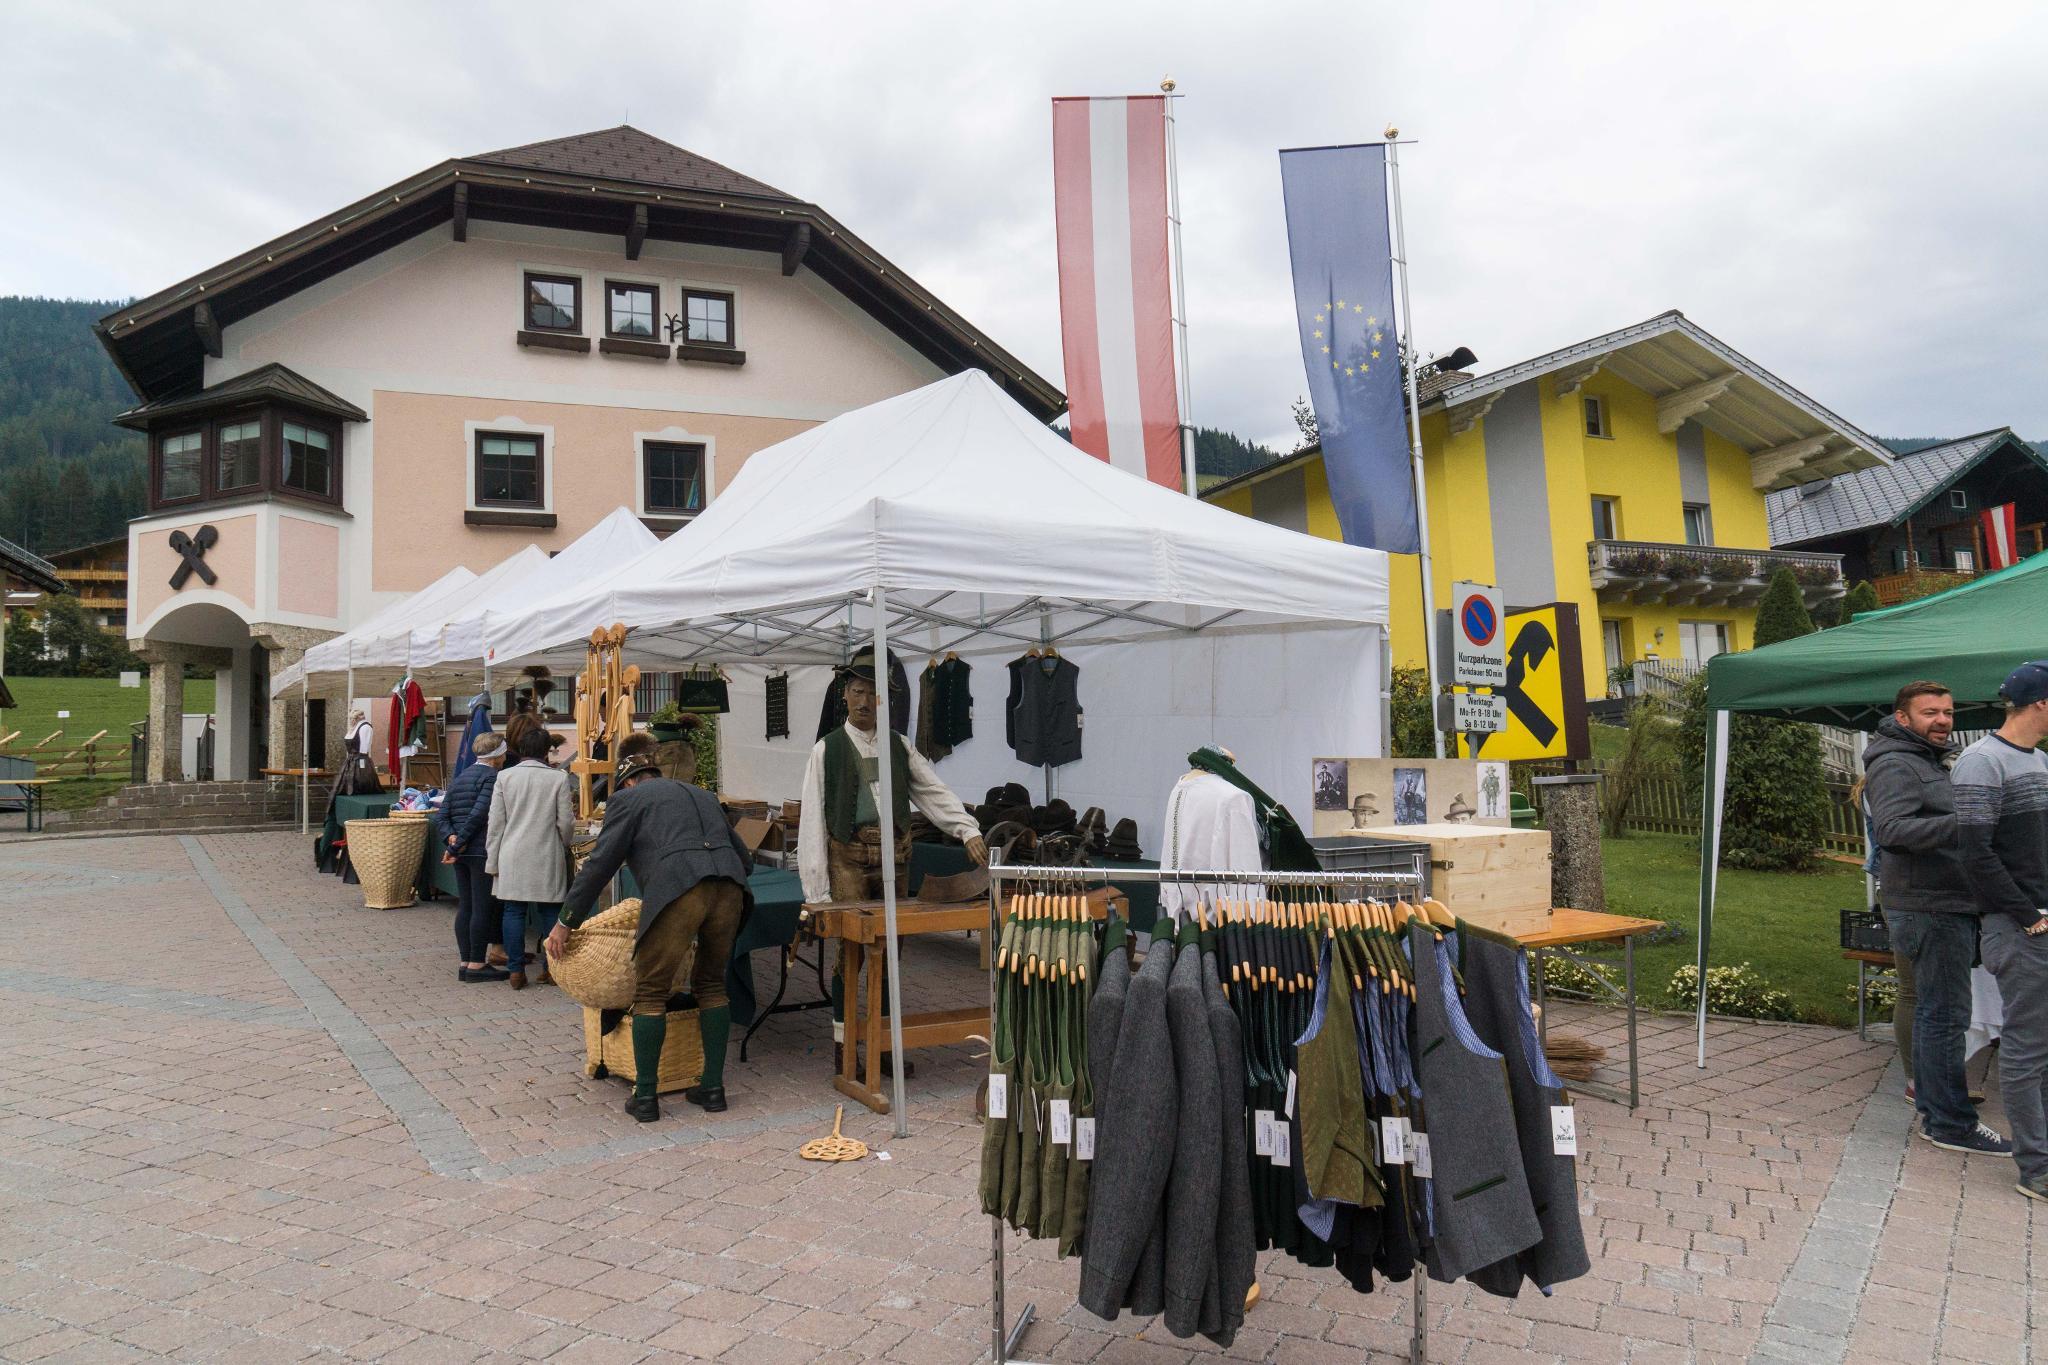 【奧地利】阿爾卑斯迷迷路!遇見美麗的奧地利風情小鎮:滕嫩山麓聖馬丁 9